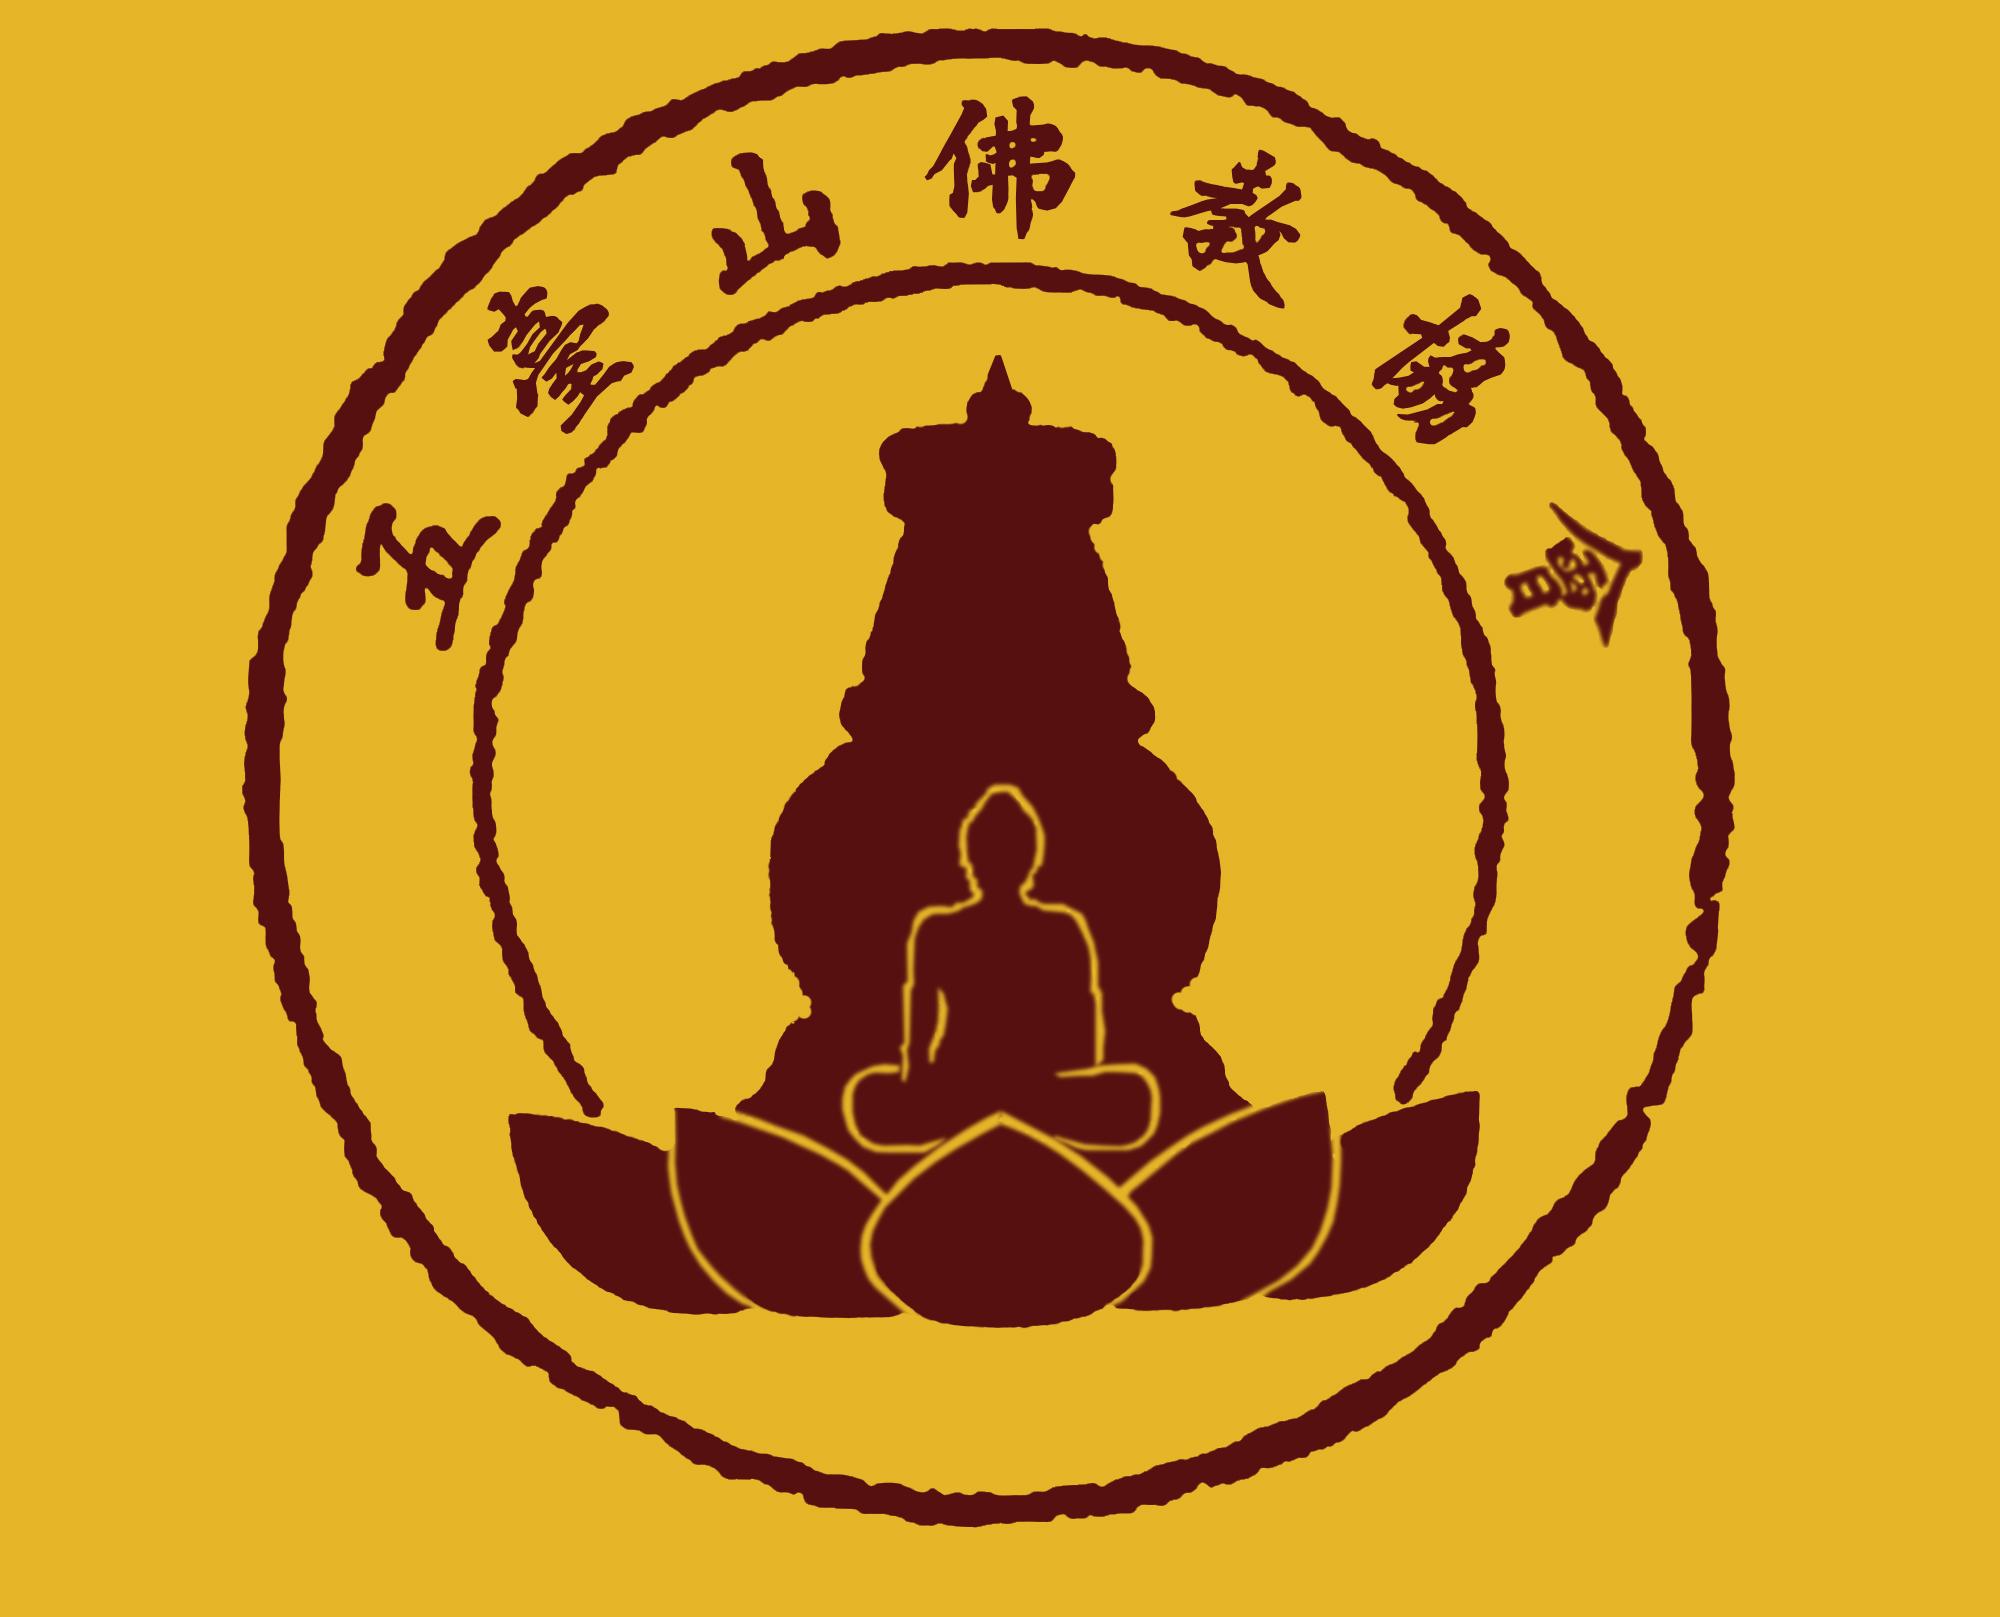 五台山佛教协会倡议书